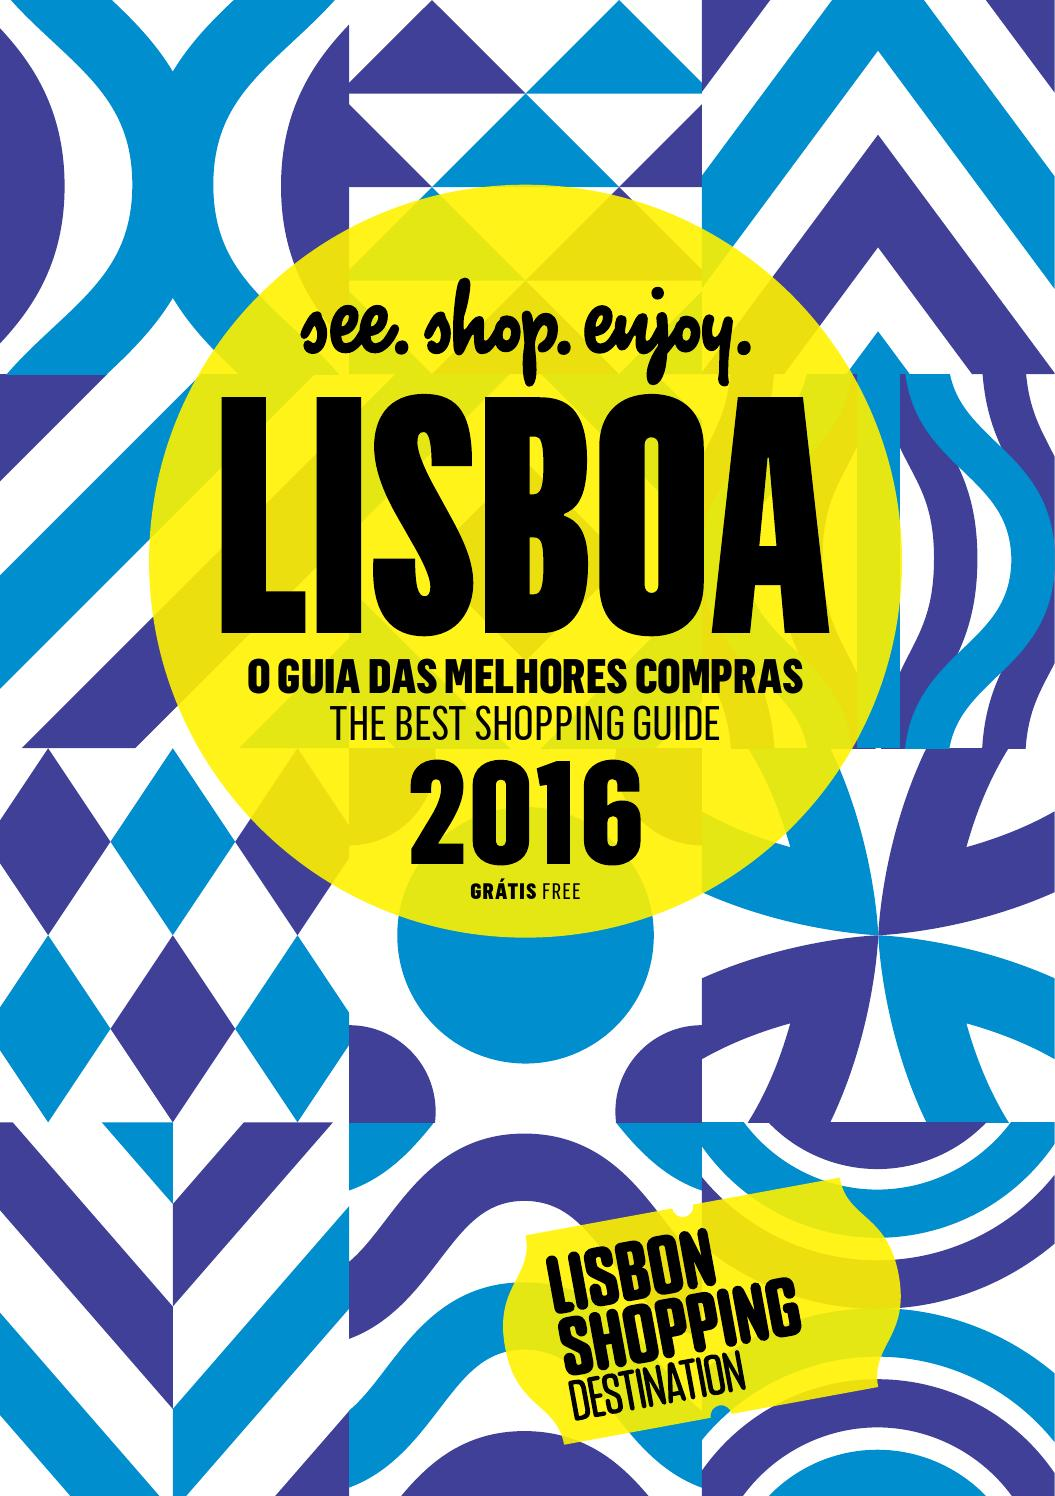 Guia das melhores compras lisbon shopping destination 2016 by caf guia das melhores compras lisbon shopping destination 2016 by caf pessoa issuu fandeluxe Image collections